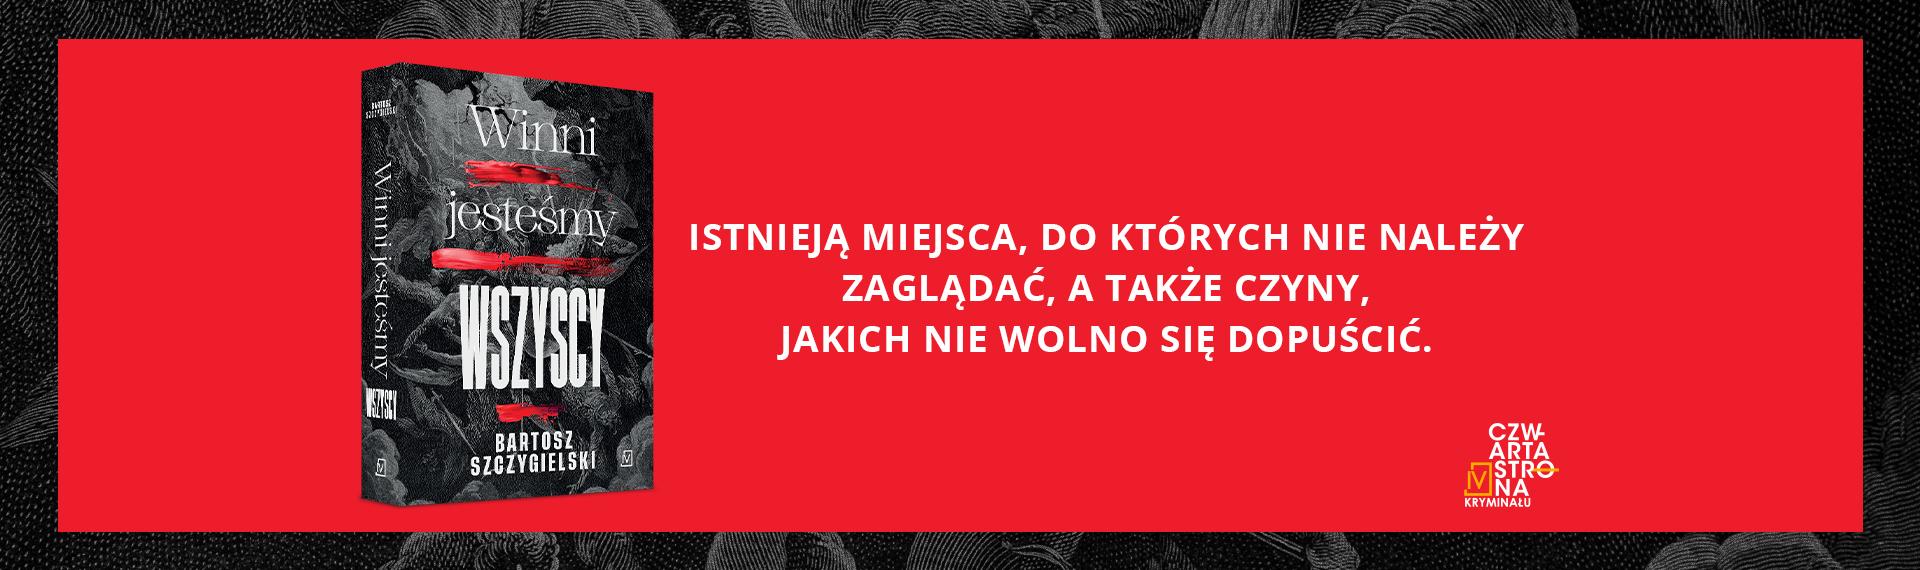 Bartosz Szczygielski Winni jesteśmy wszyscy